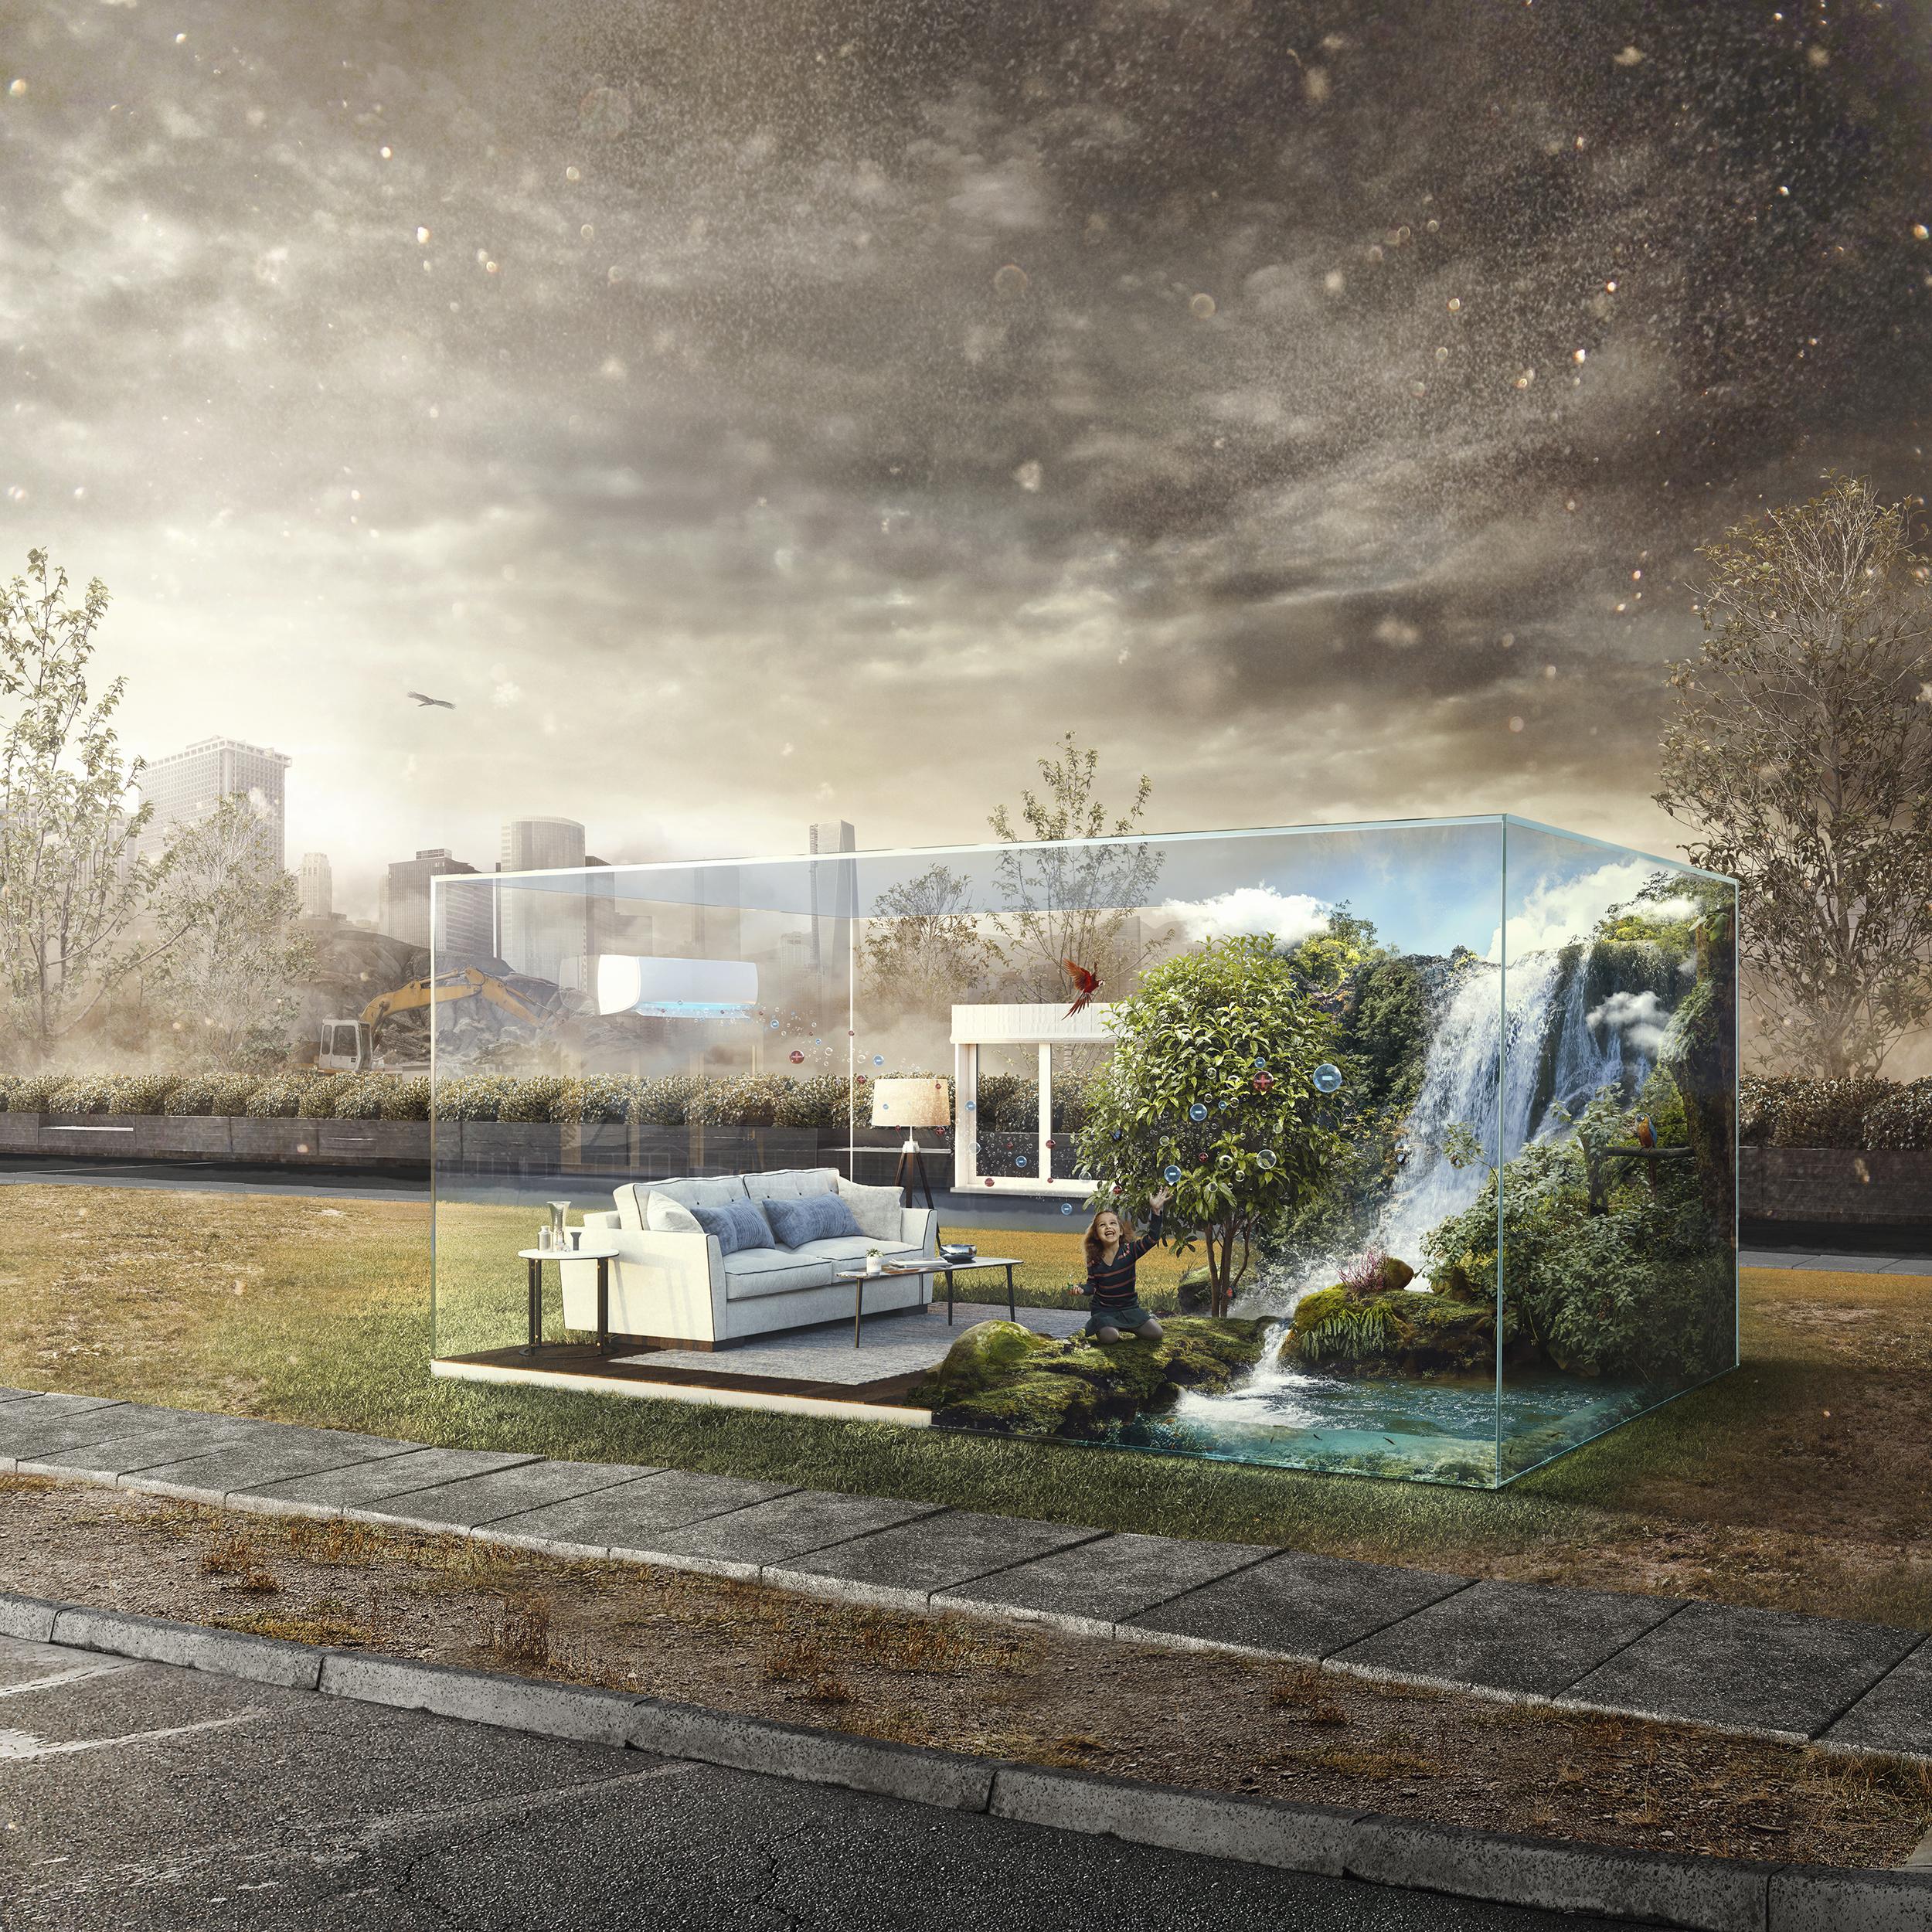 MIDEA GLASSS HOUSE G.jpg